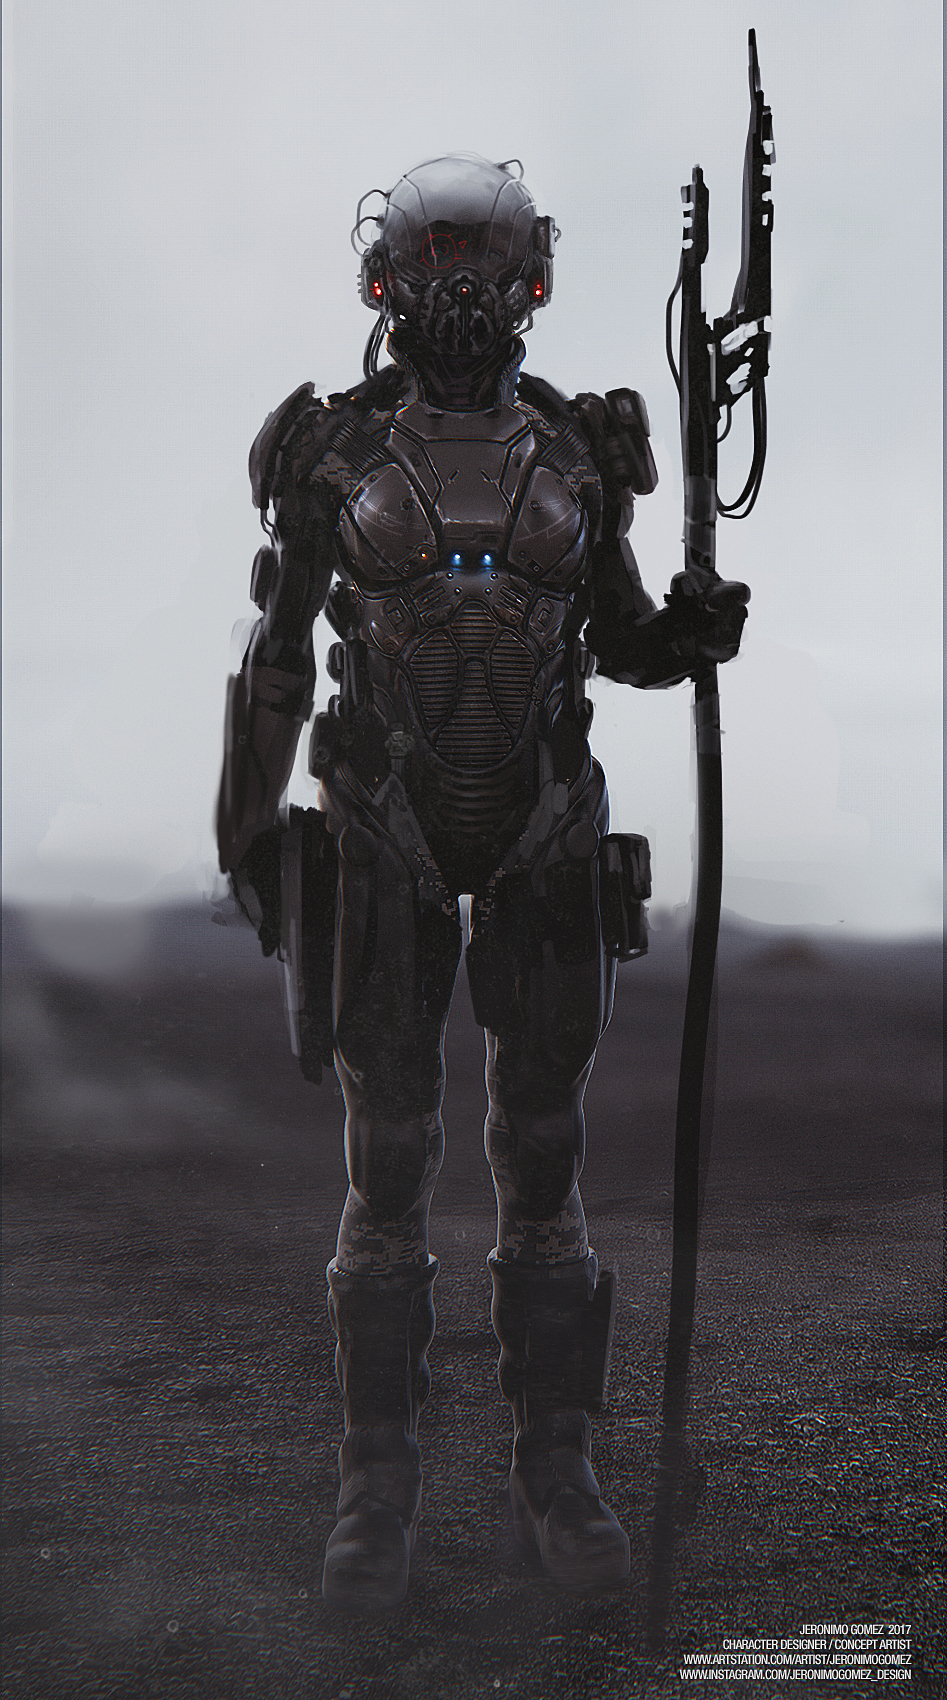 Mray scavenger armor 1 a34921e1 e1wc